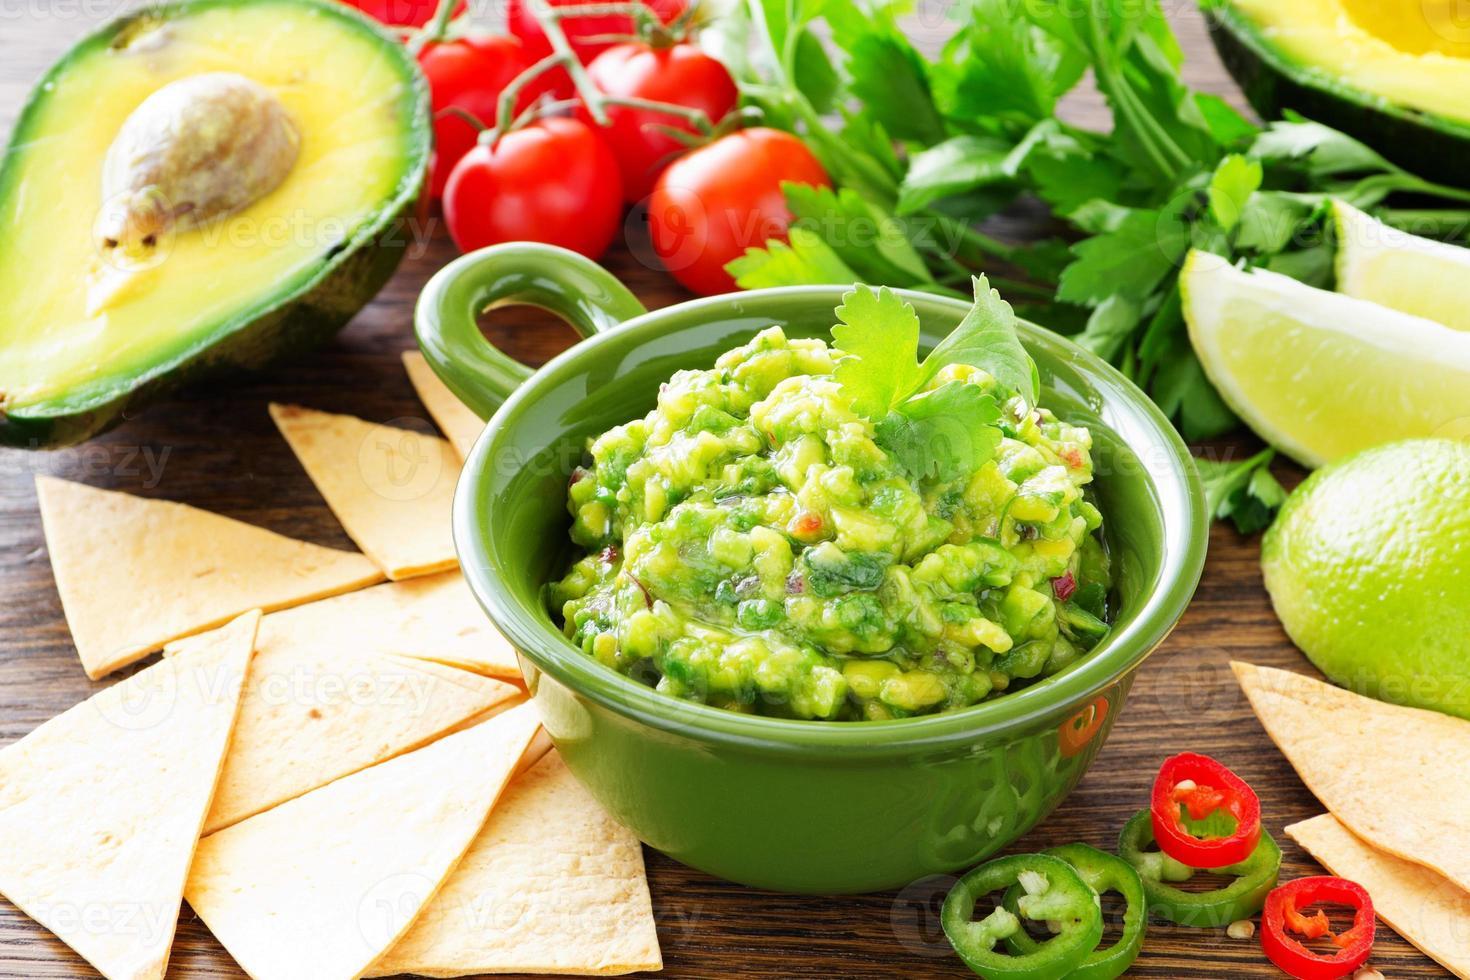 tazza con guacamole e patatine di mais - antipasto messicano tradizionale foto